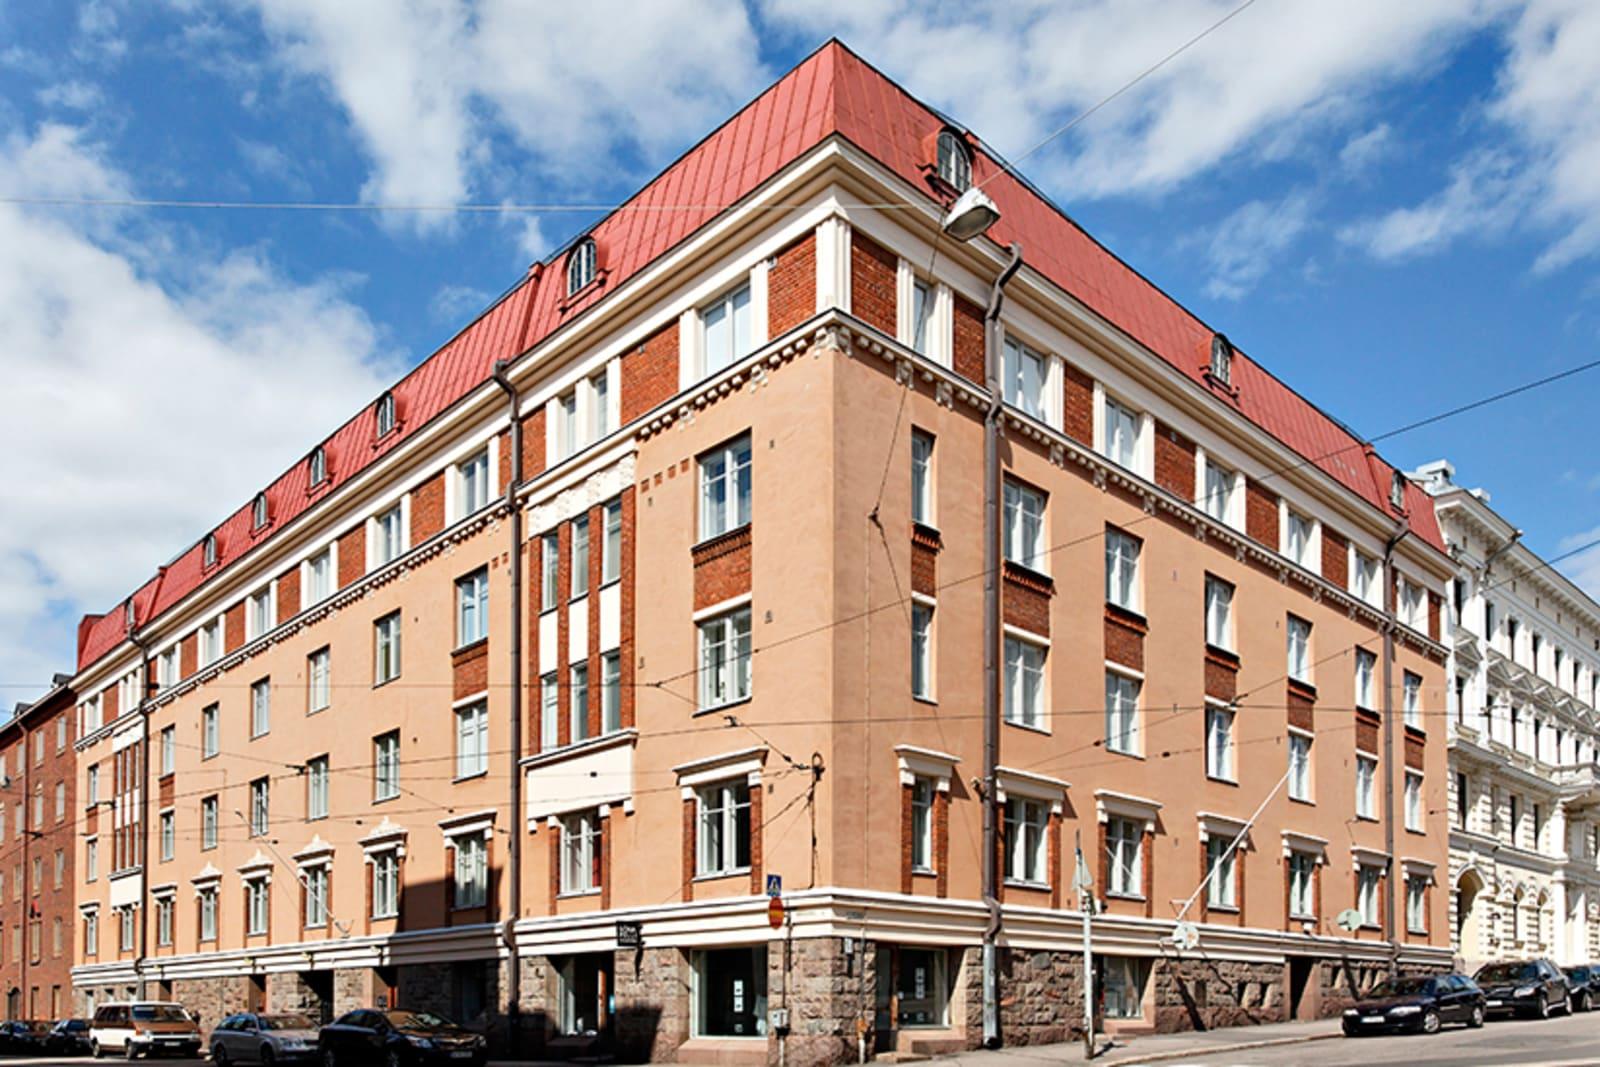 Helsinki, Kaartinkaupunki, Tarkkampujankatu 1